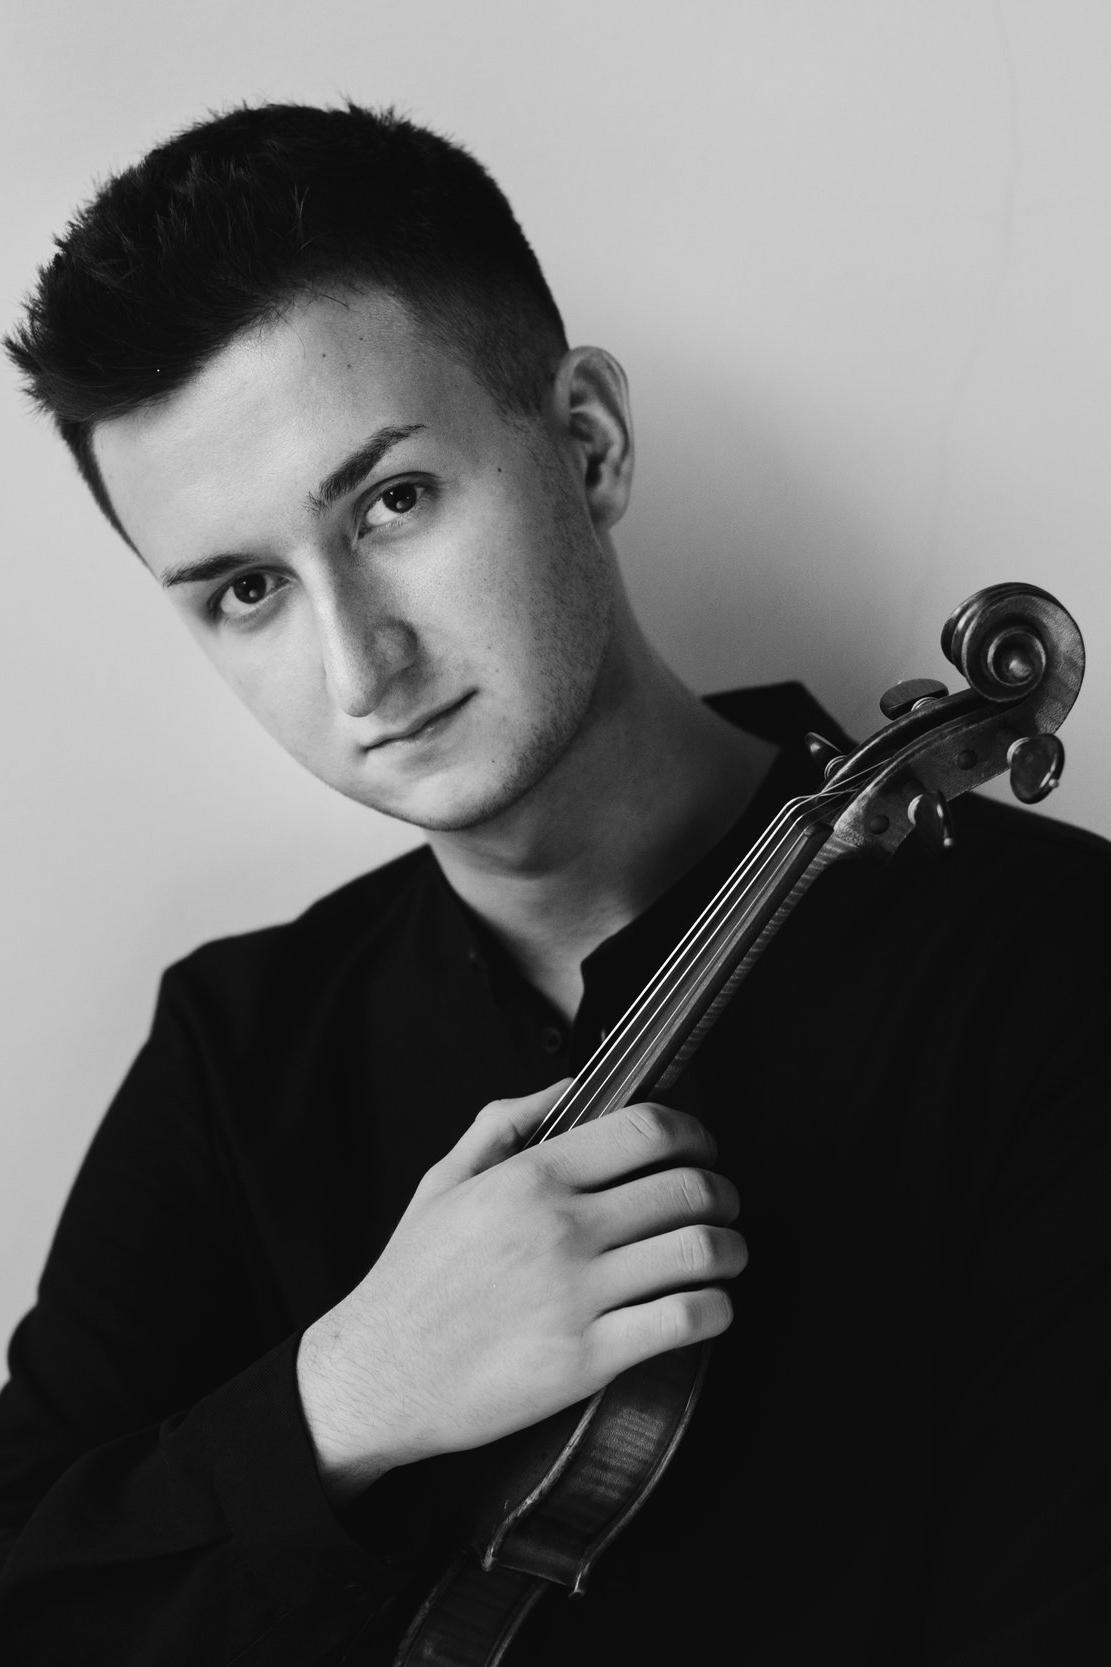 Bartłomiej Fraś - Violinist